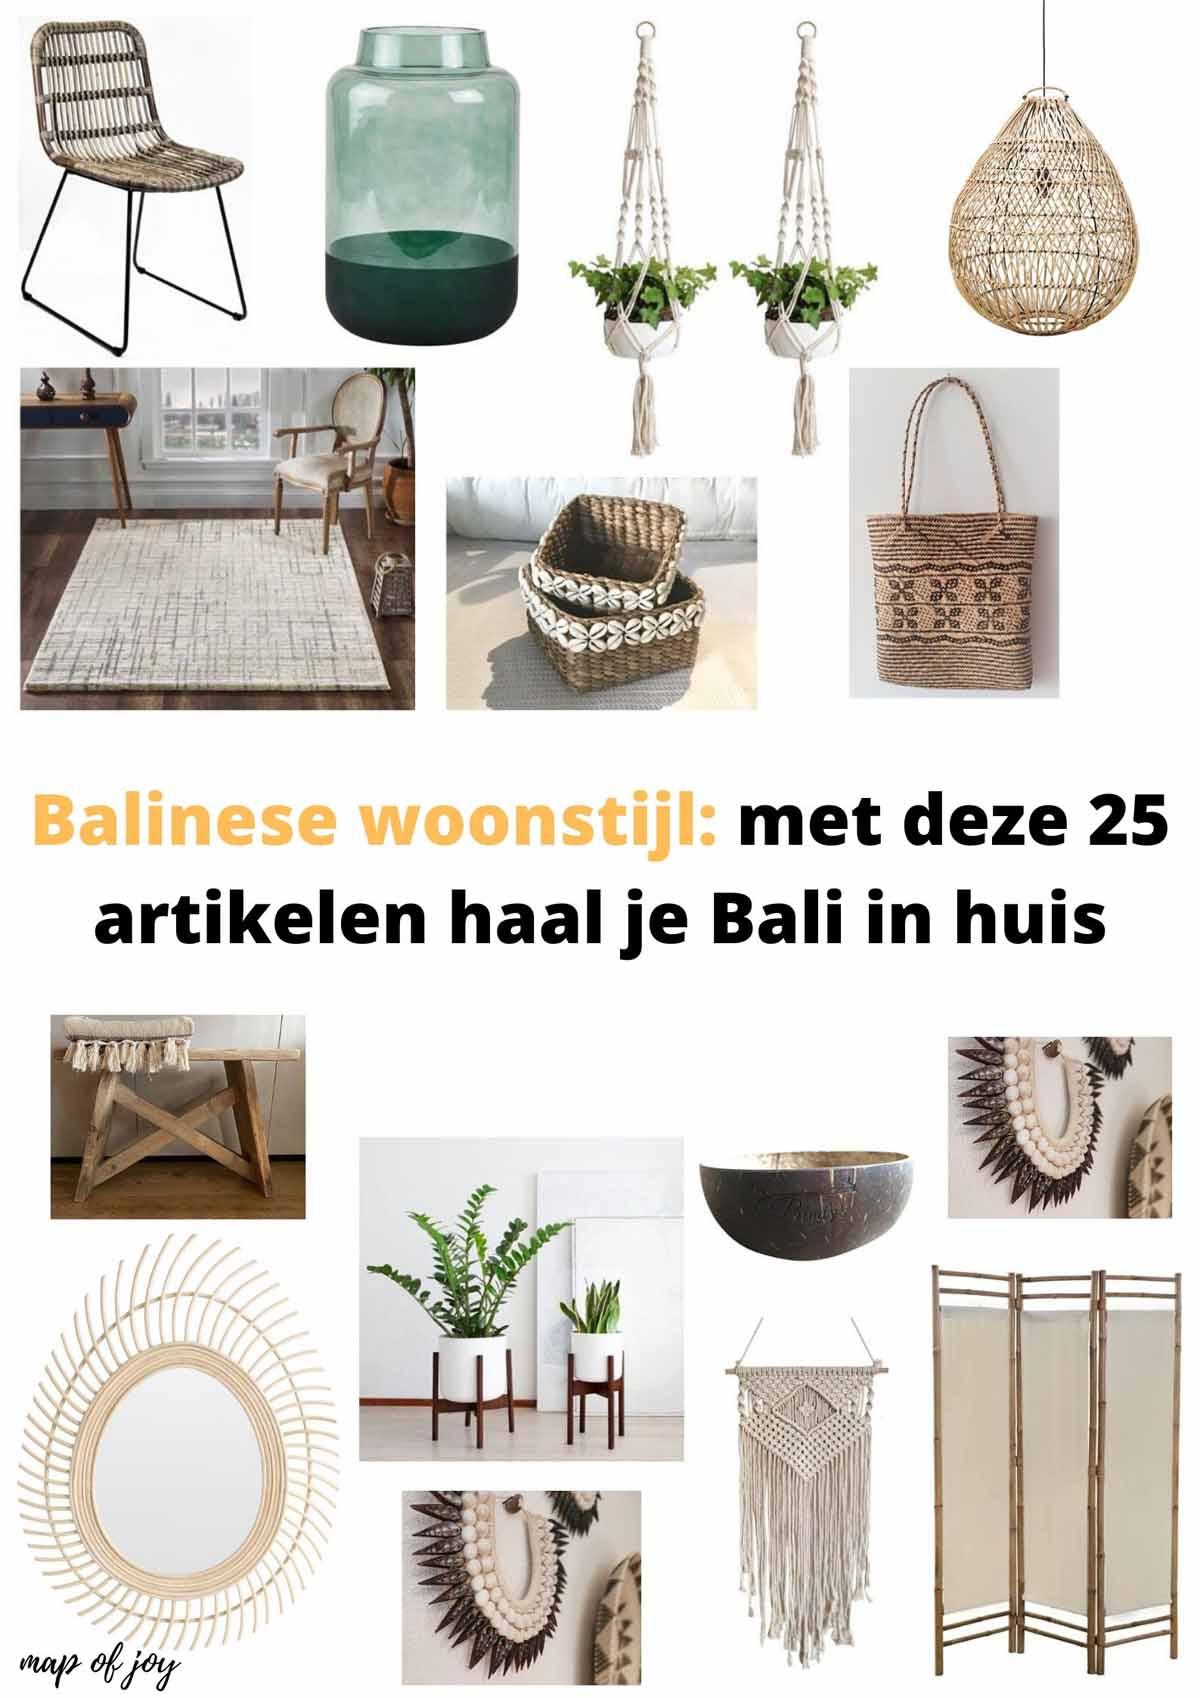 Balinese woonstijl: met deze 25 artikelen haal je Bali in huis - Map of Joy